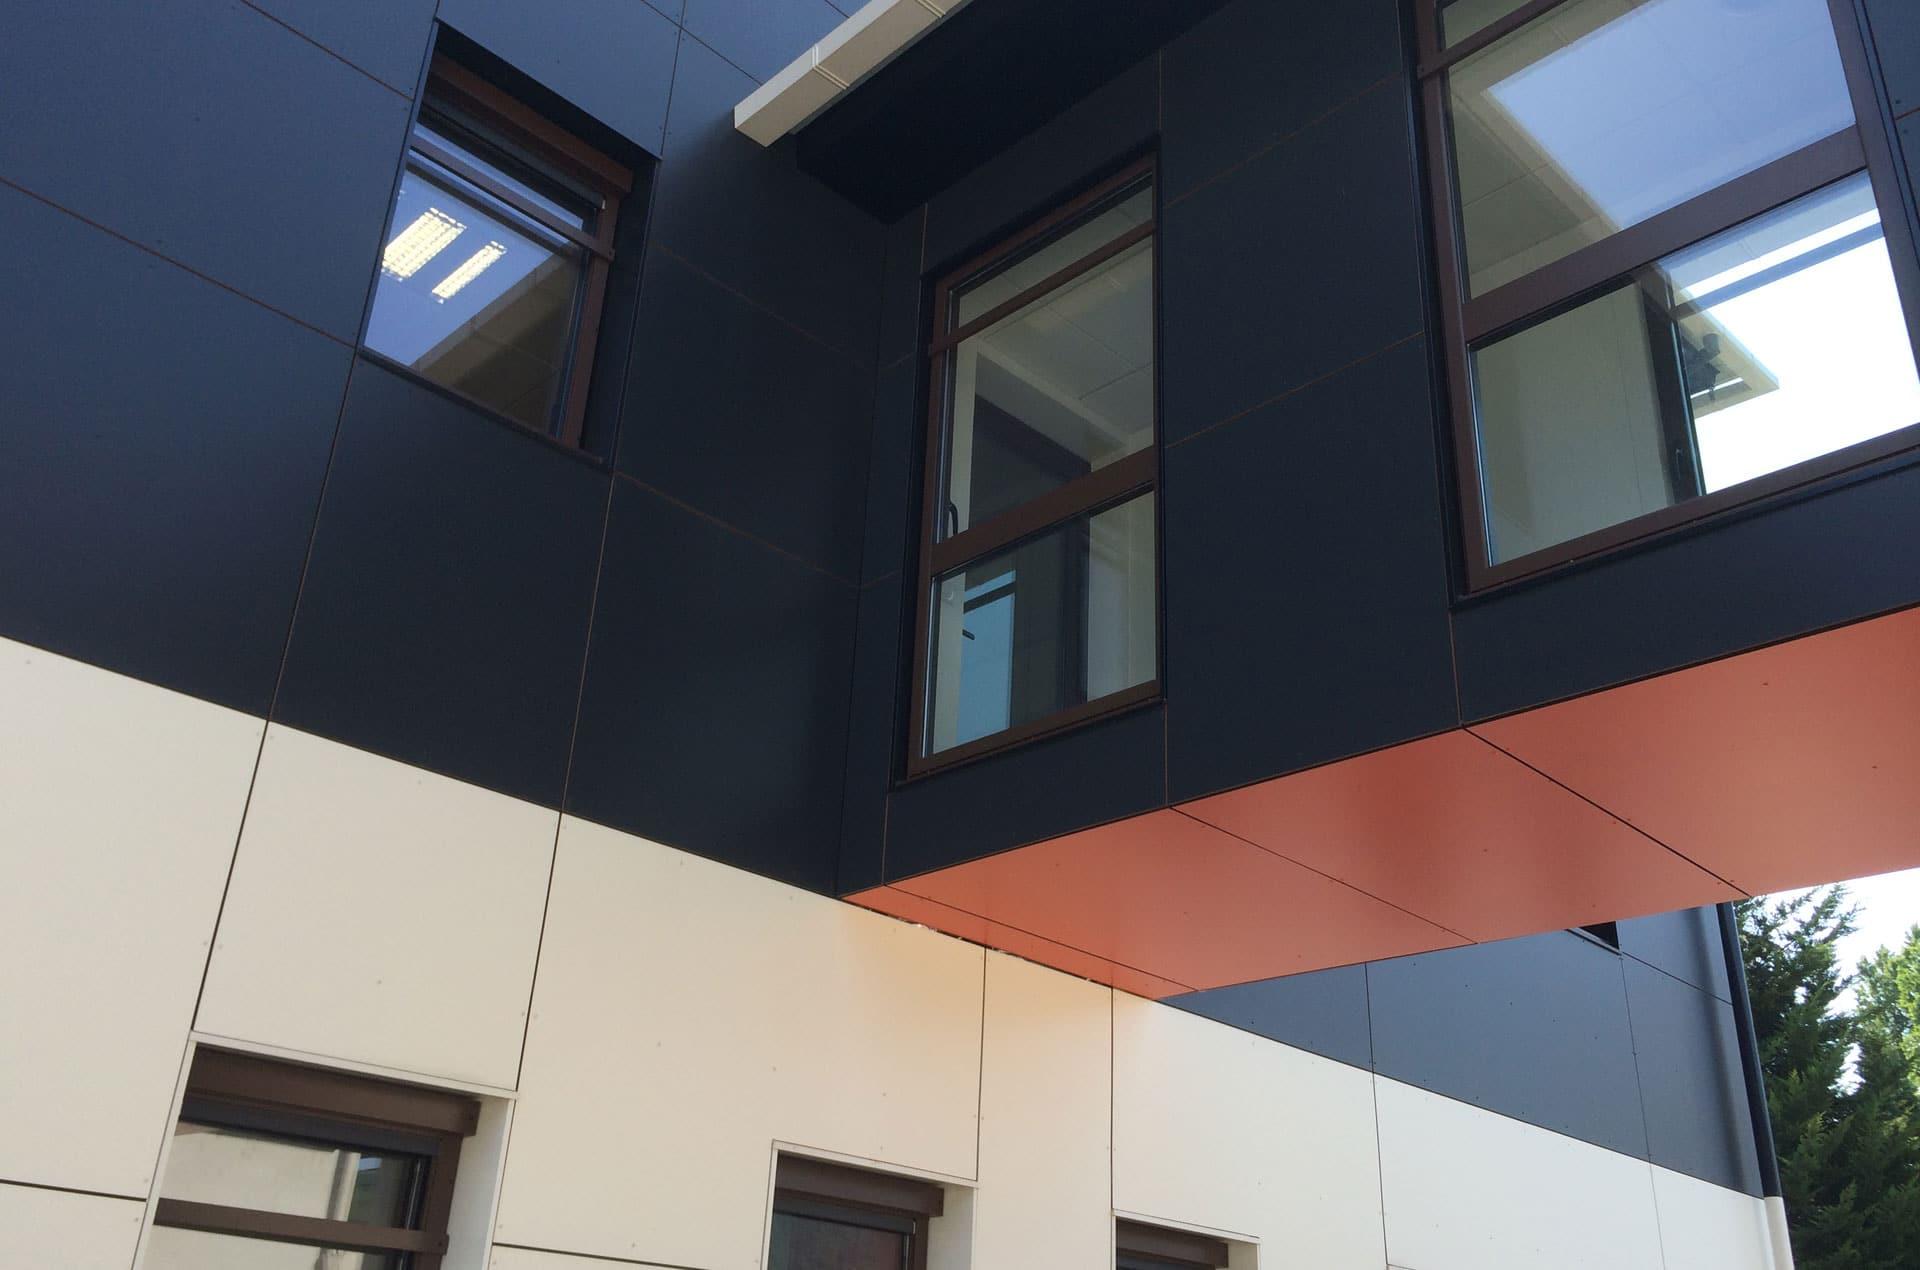 architec-laboratoire-val-de-saone-detail